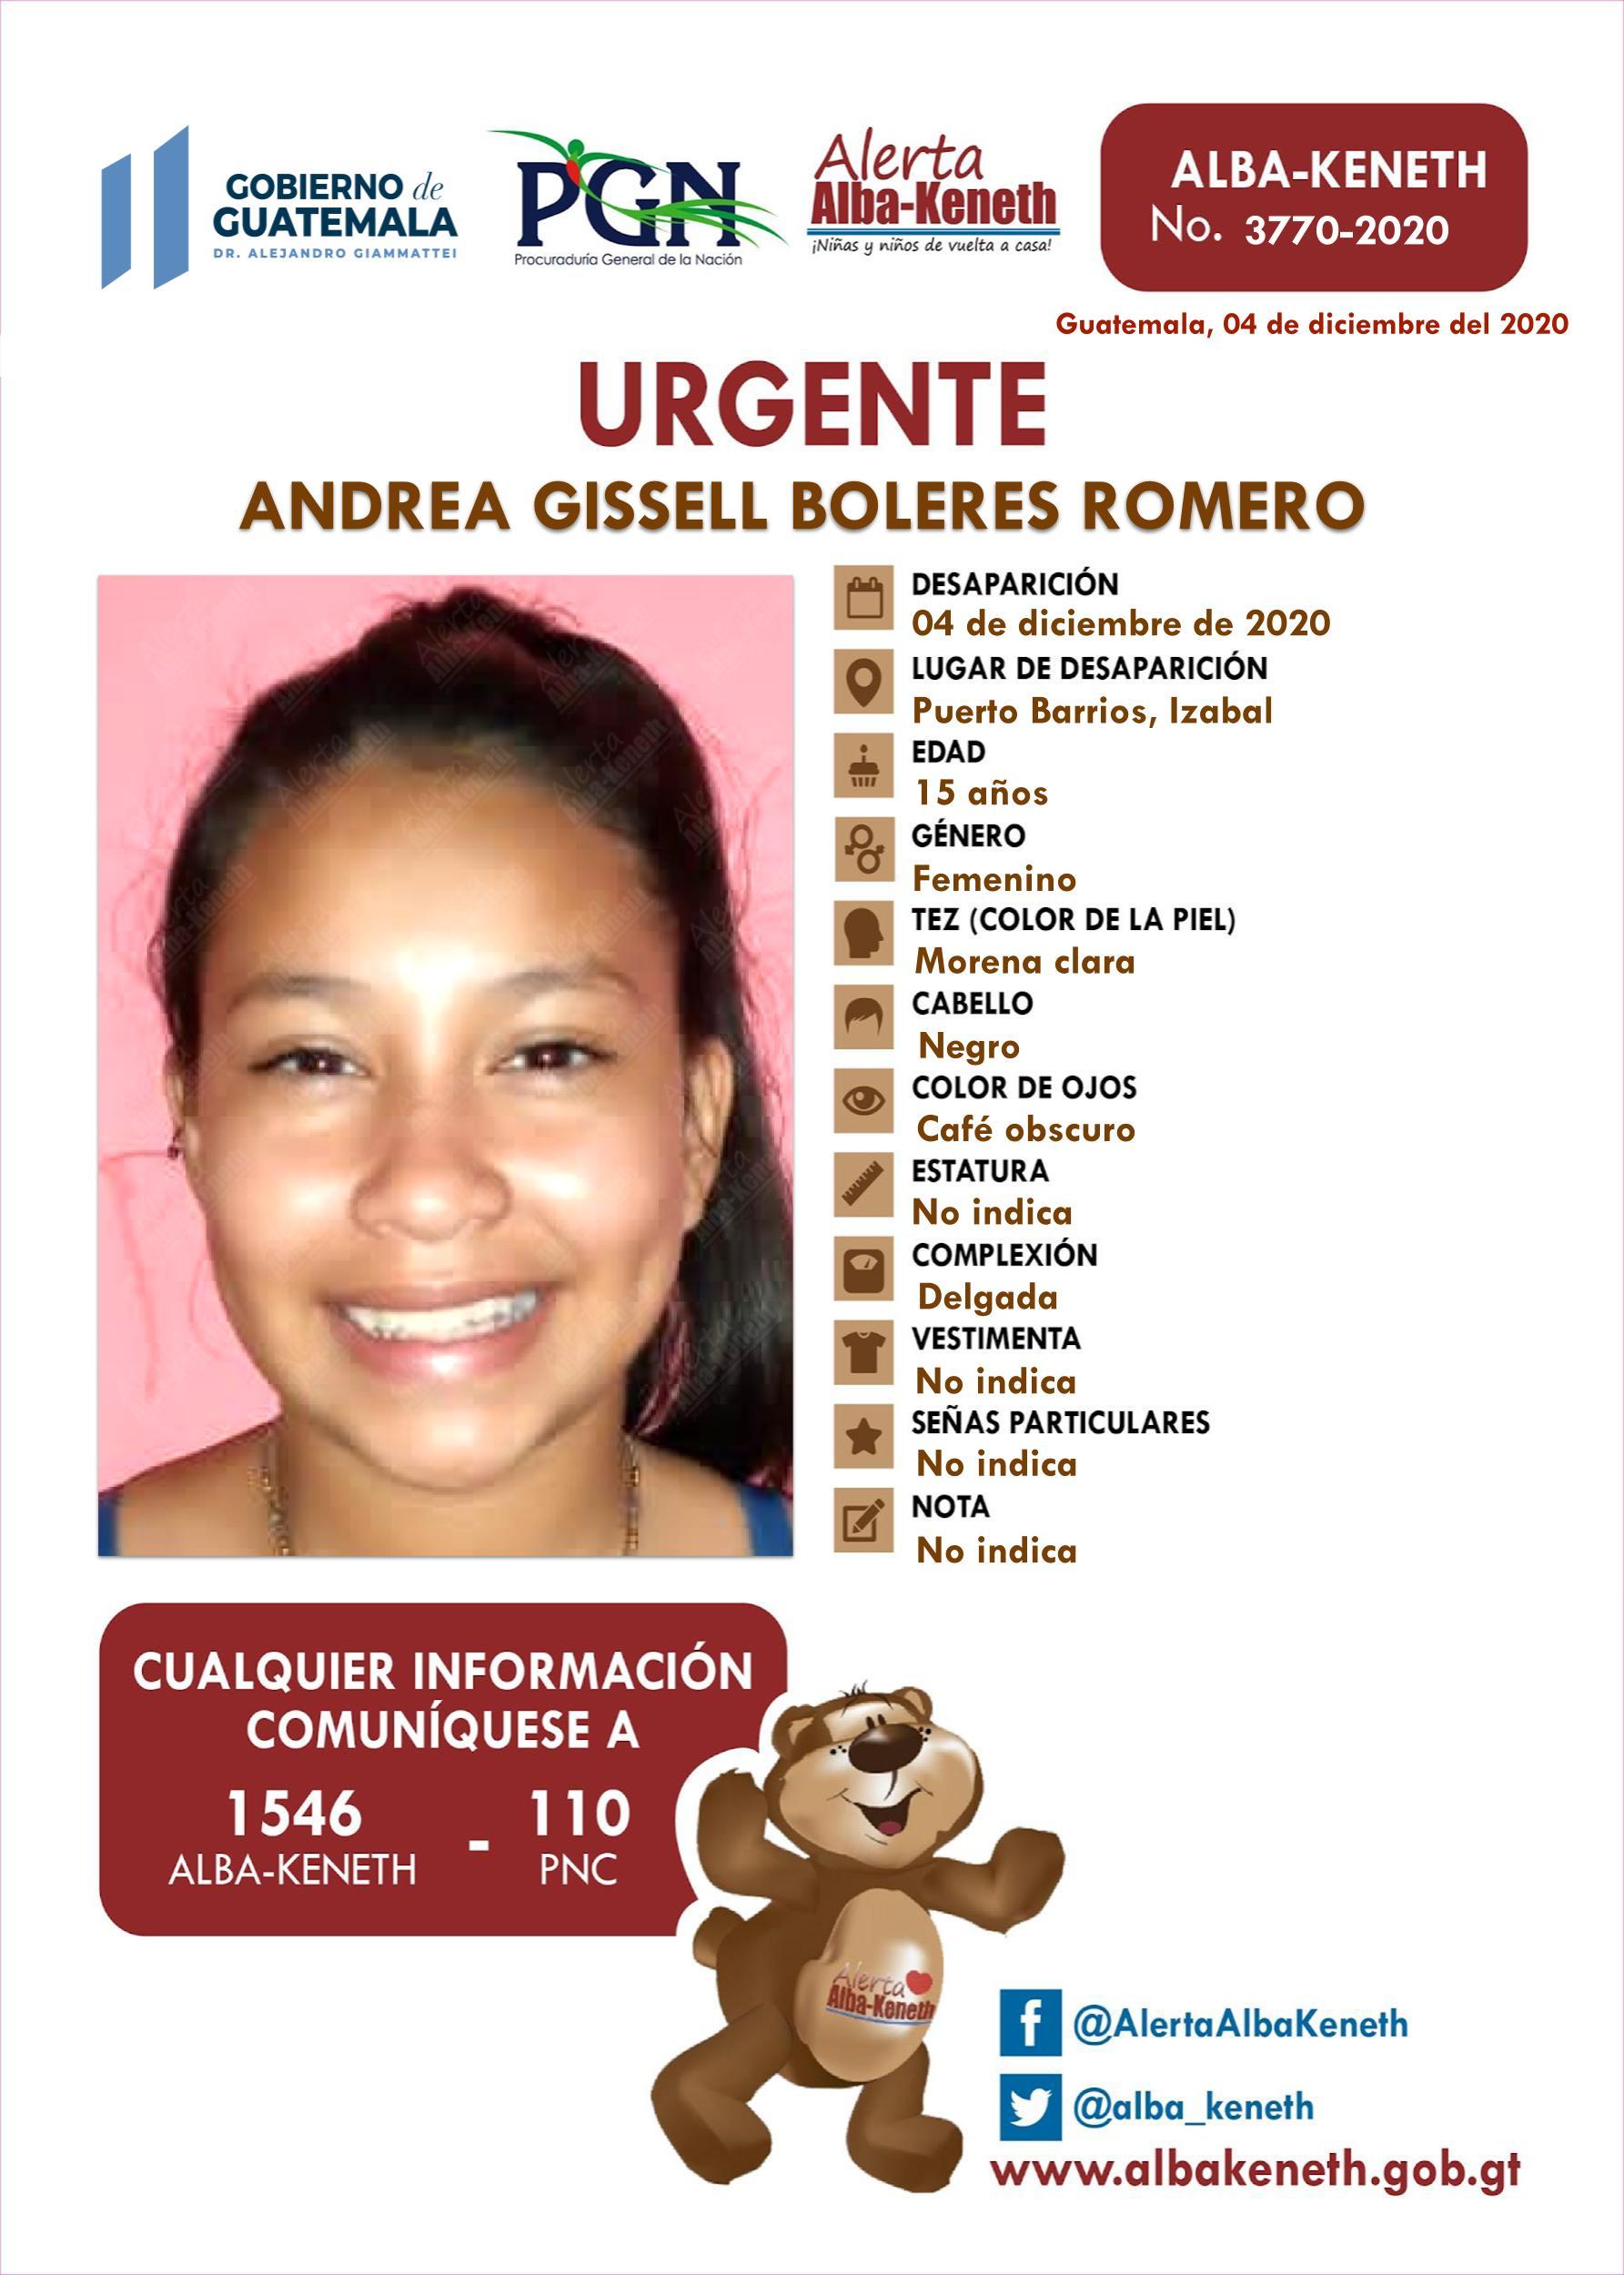 Andrea Gissell Boleres Romero